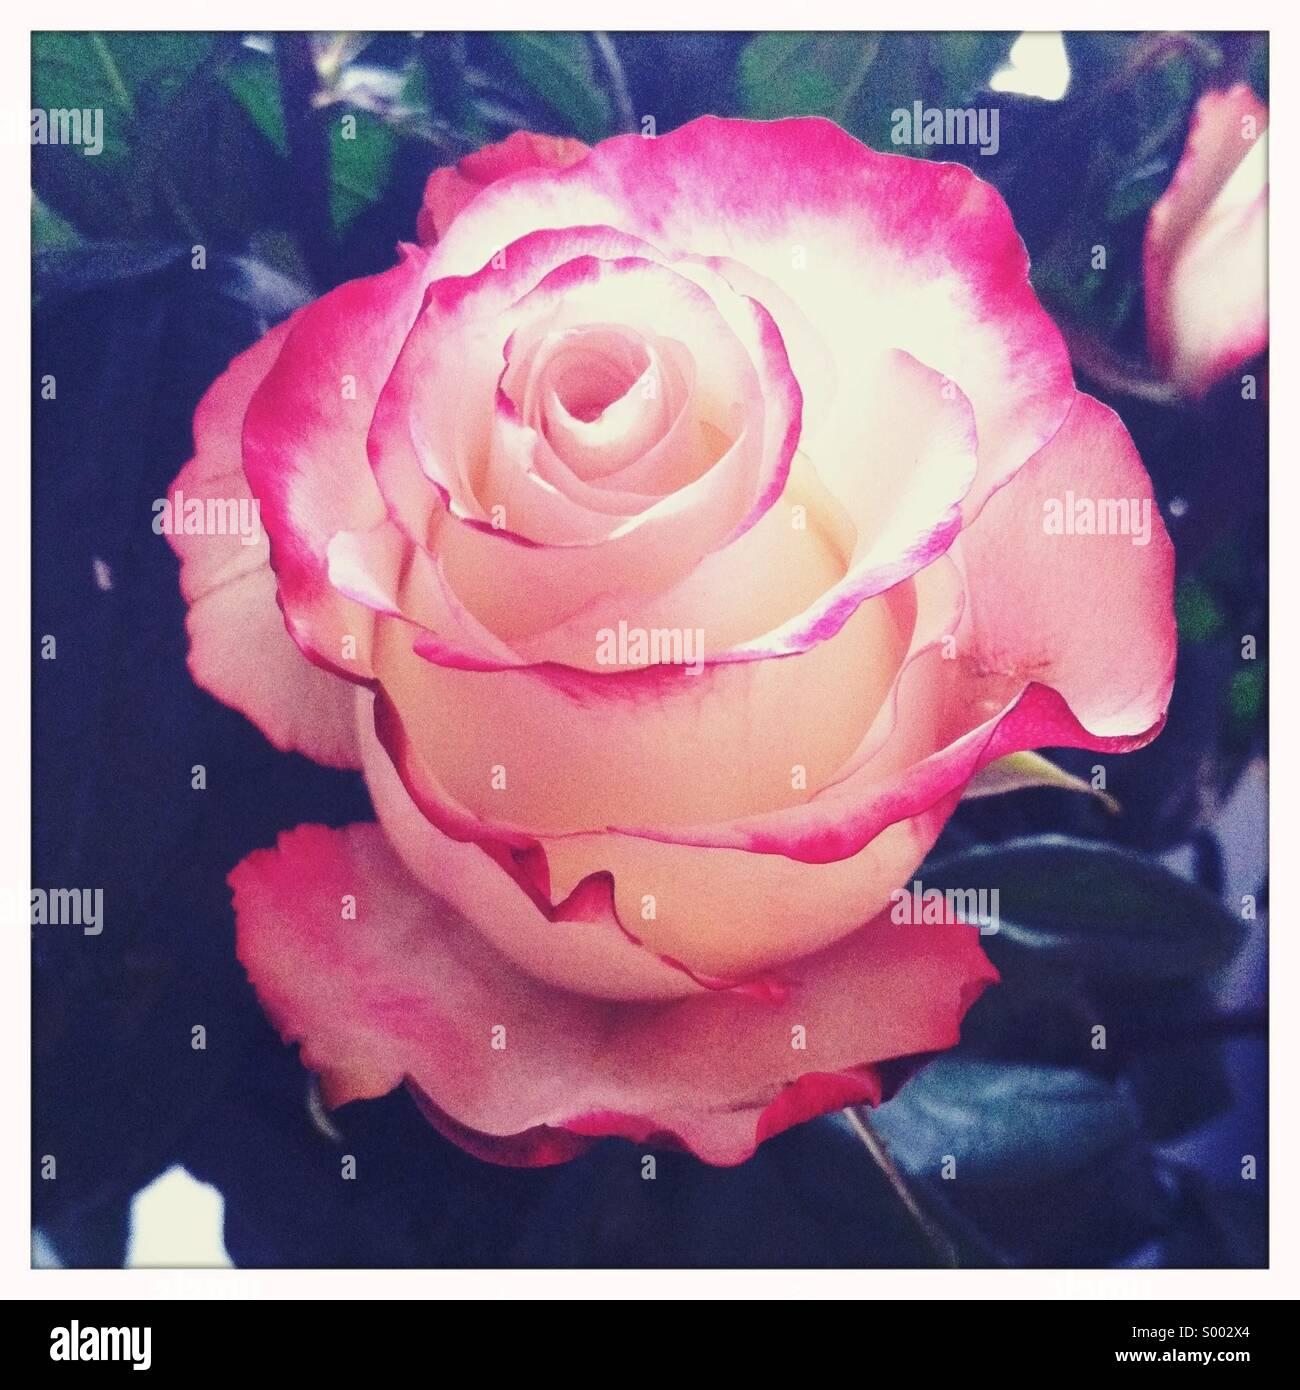 Eine Nahaufnahme von einem rot-weißen farbigen rose Blume Stockbild